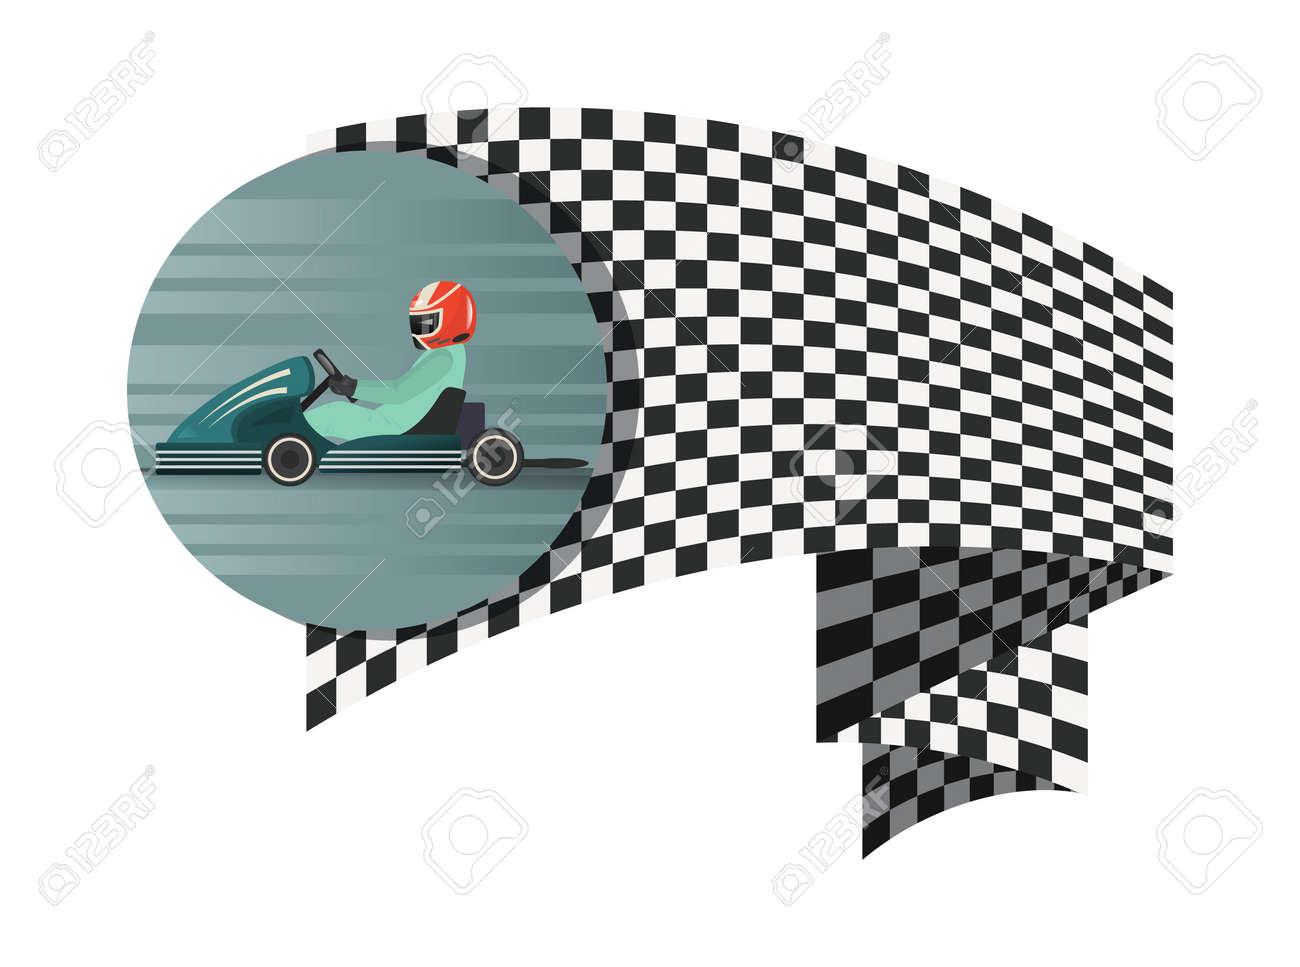 El Símbolo De La Competencia De Kart Con La Bandera A Cuadros Aisló ...